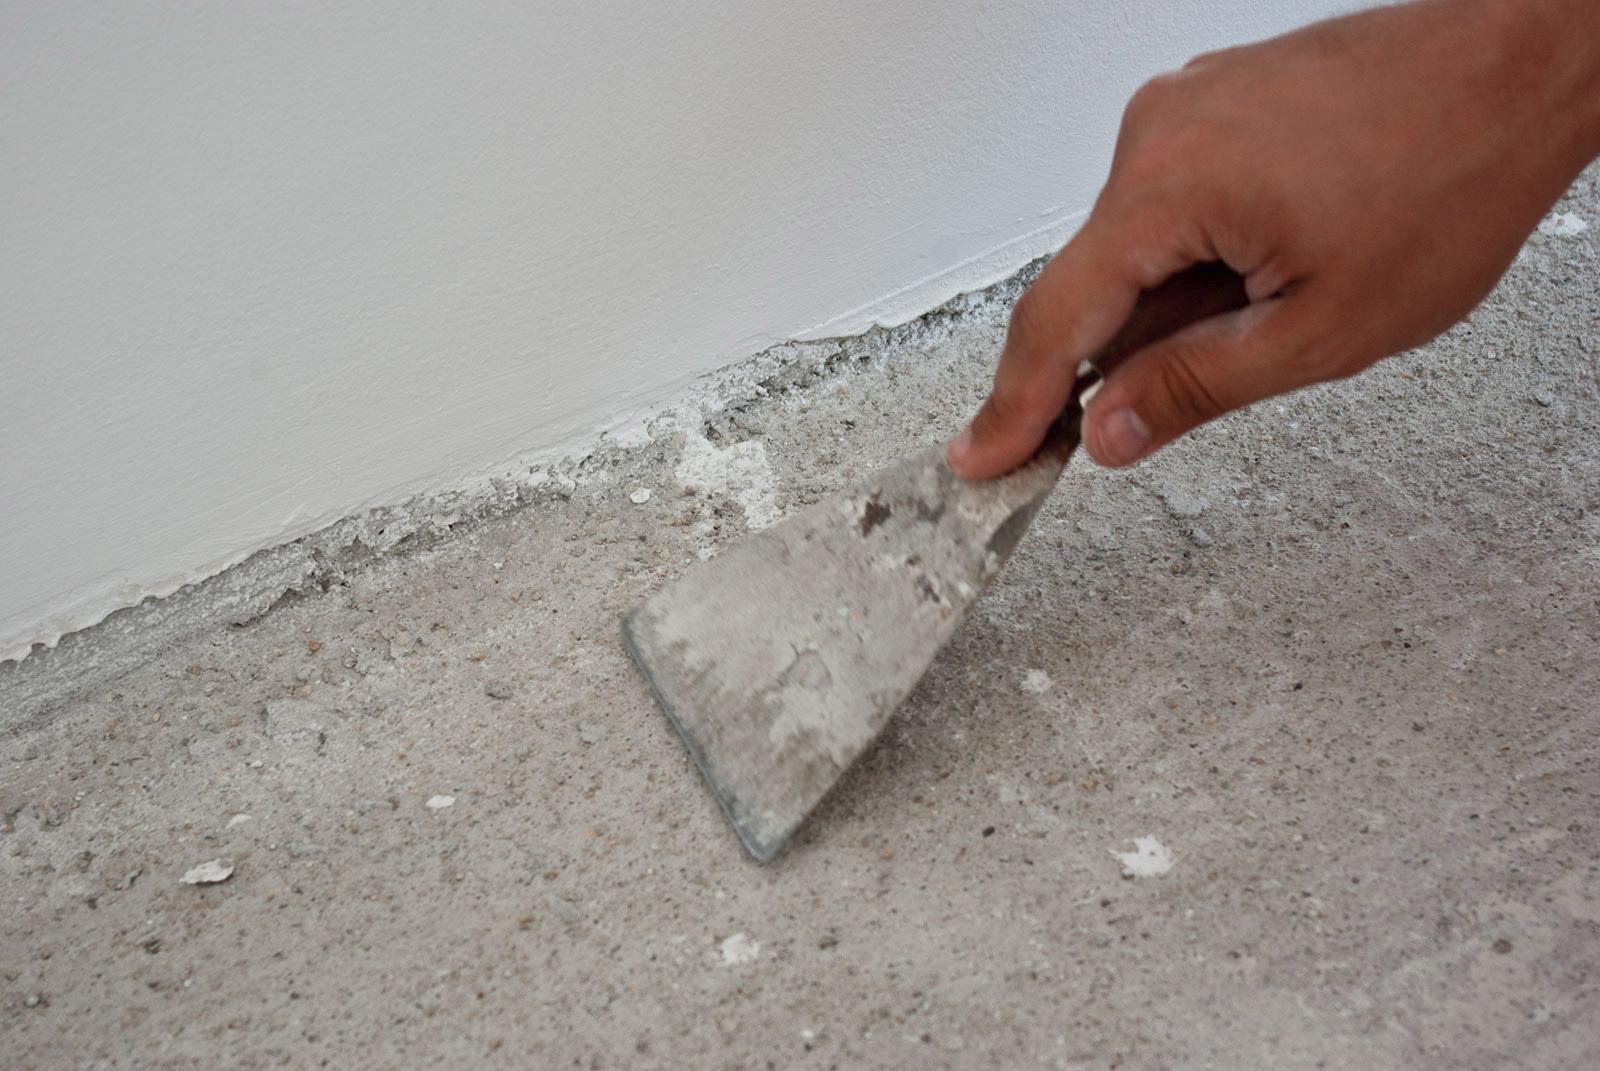 инструкция по укладке плит осп на бетонный пол